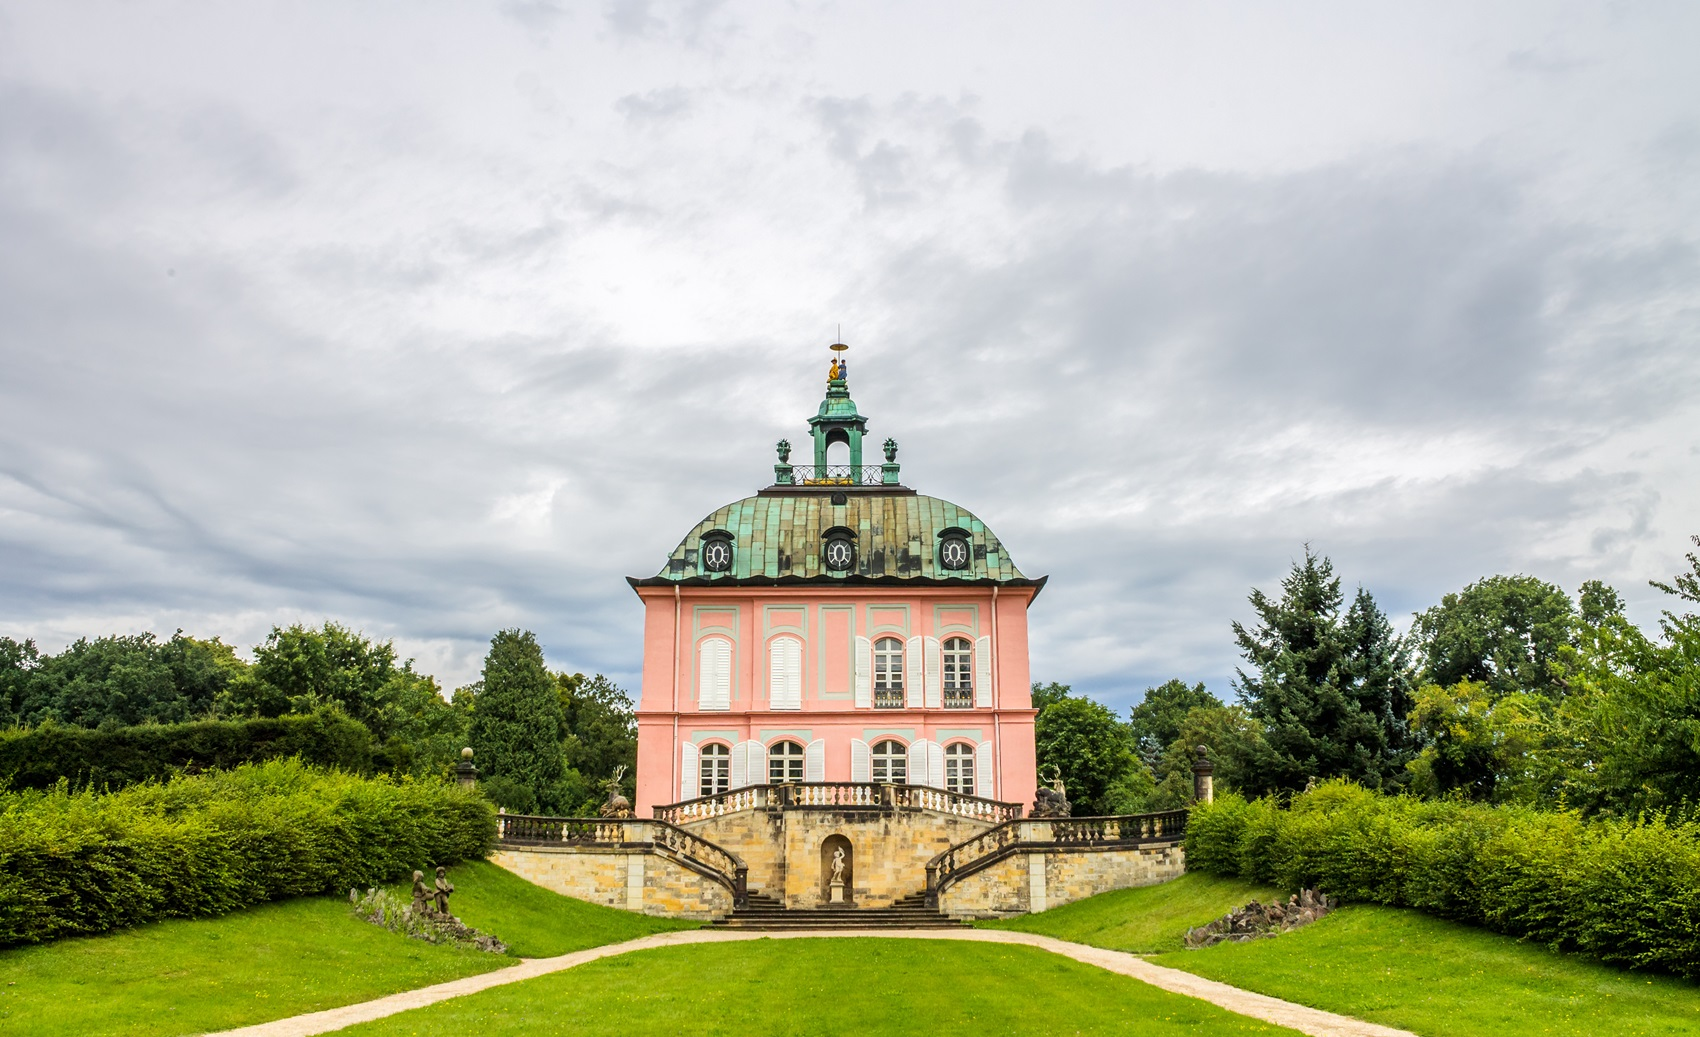 Schloss Moritzburg, Fasanenschlsschen